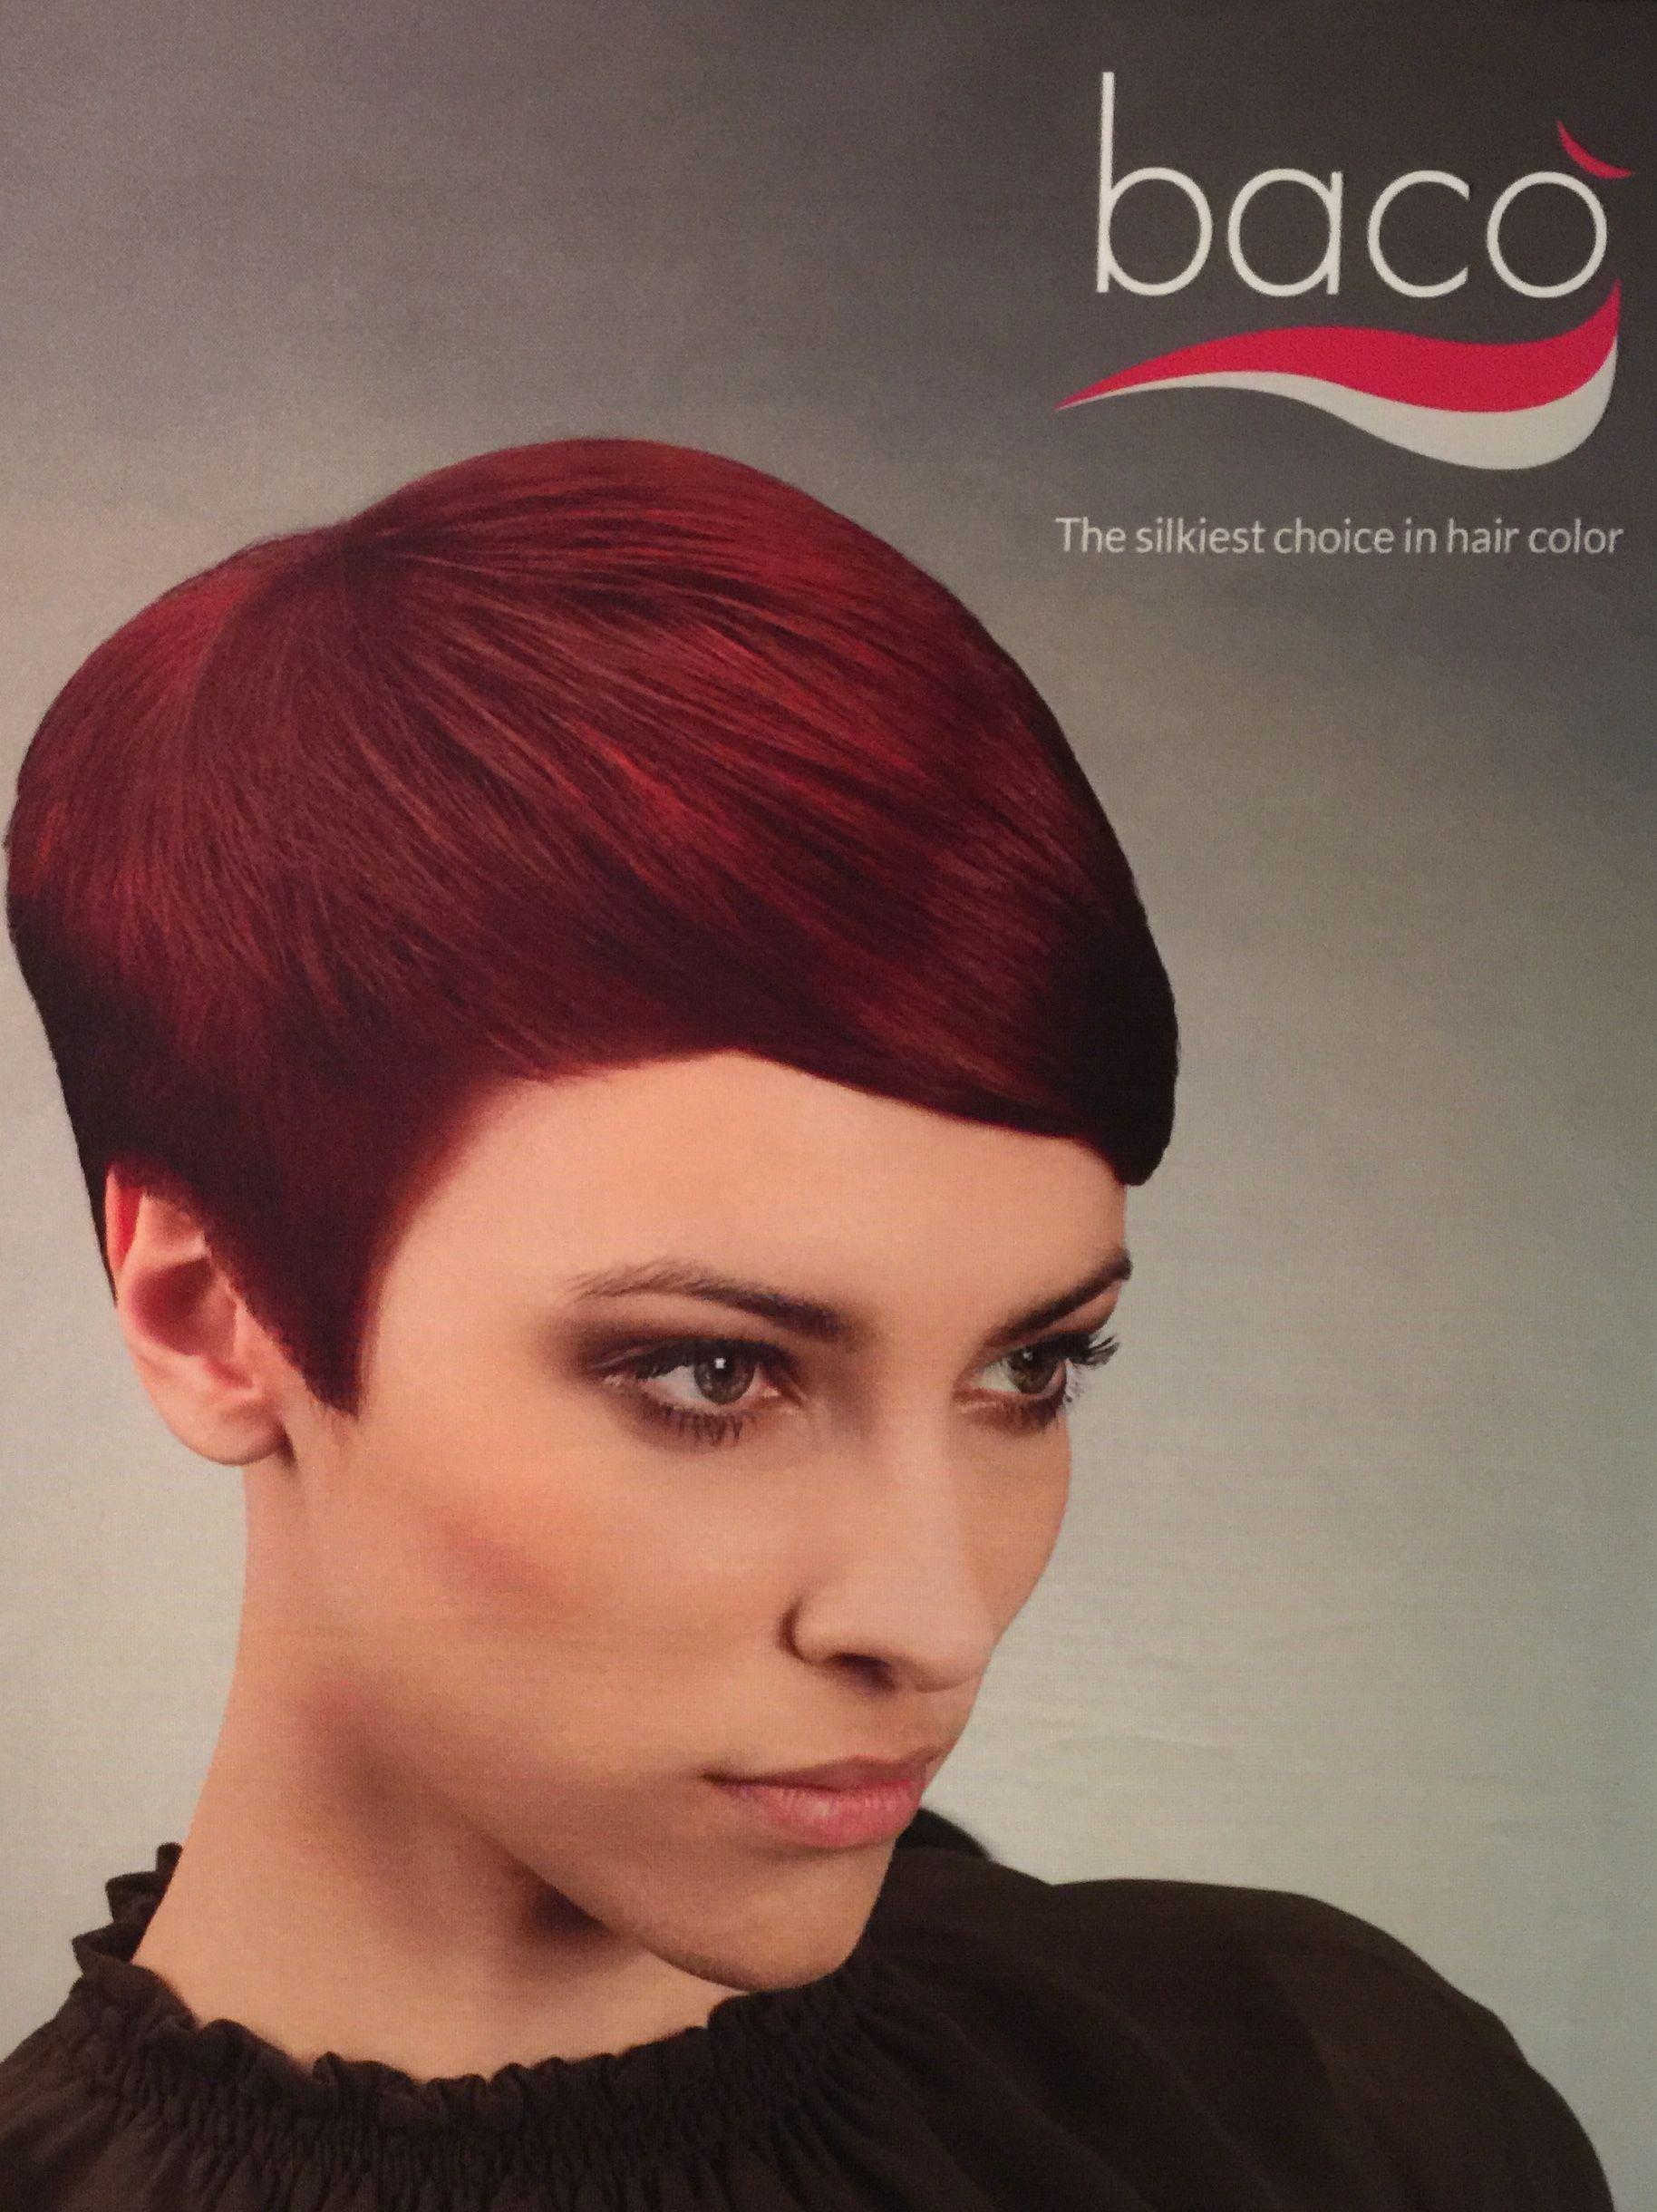 Kaaral Baco Bacosoft Haircolor Products Pinterest Nail